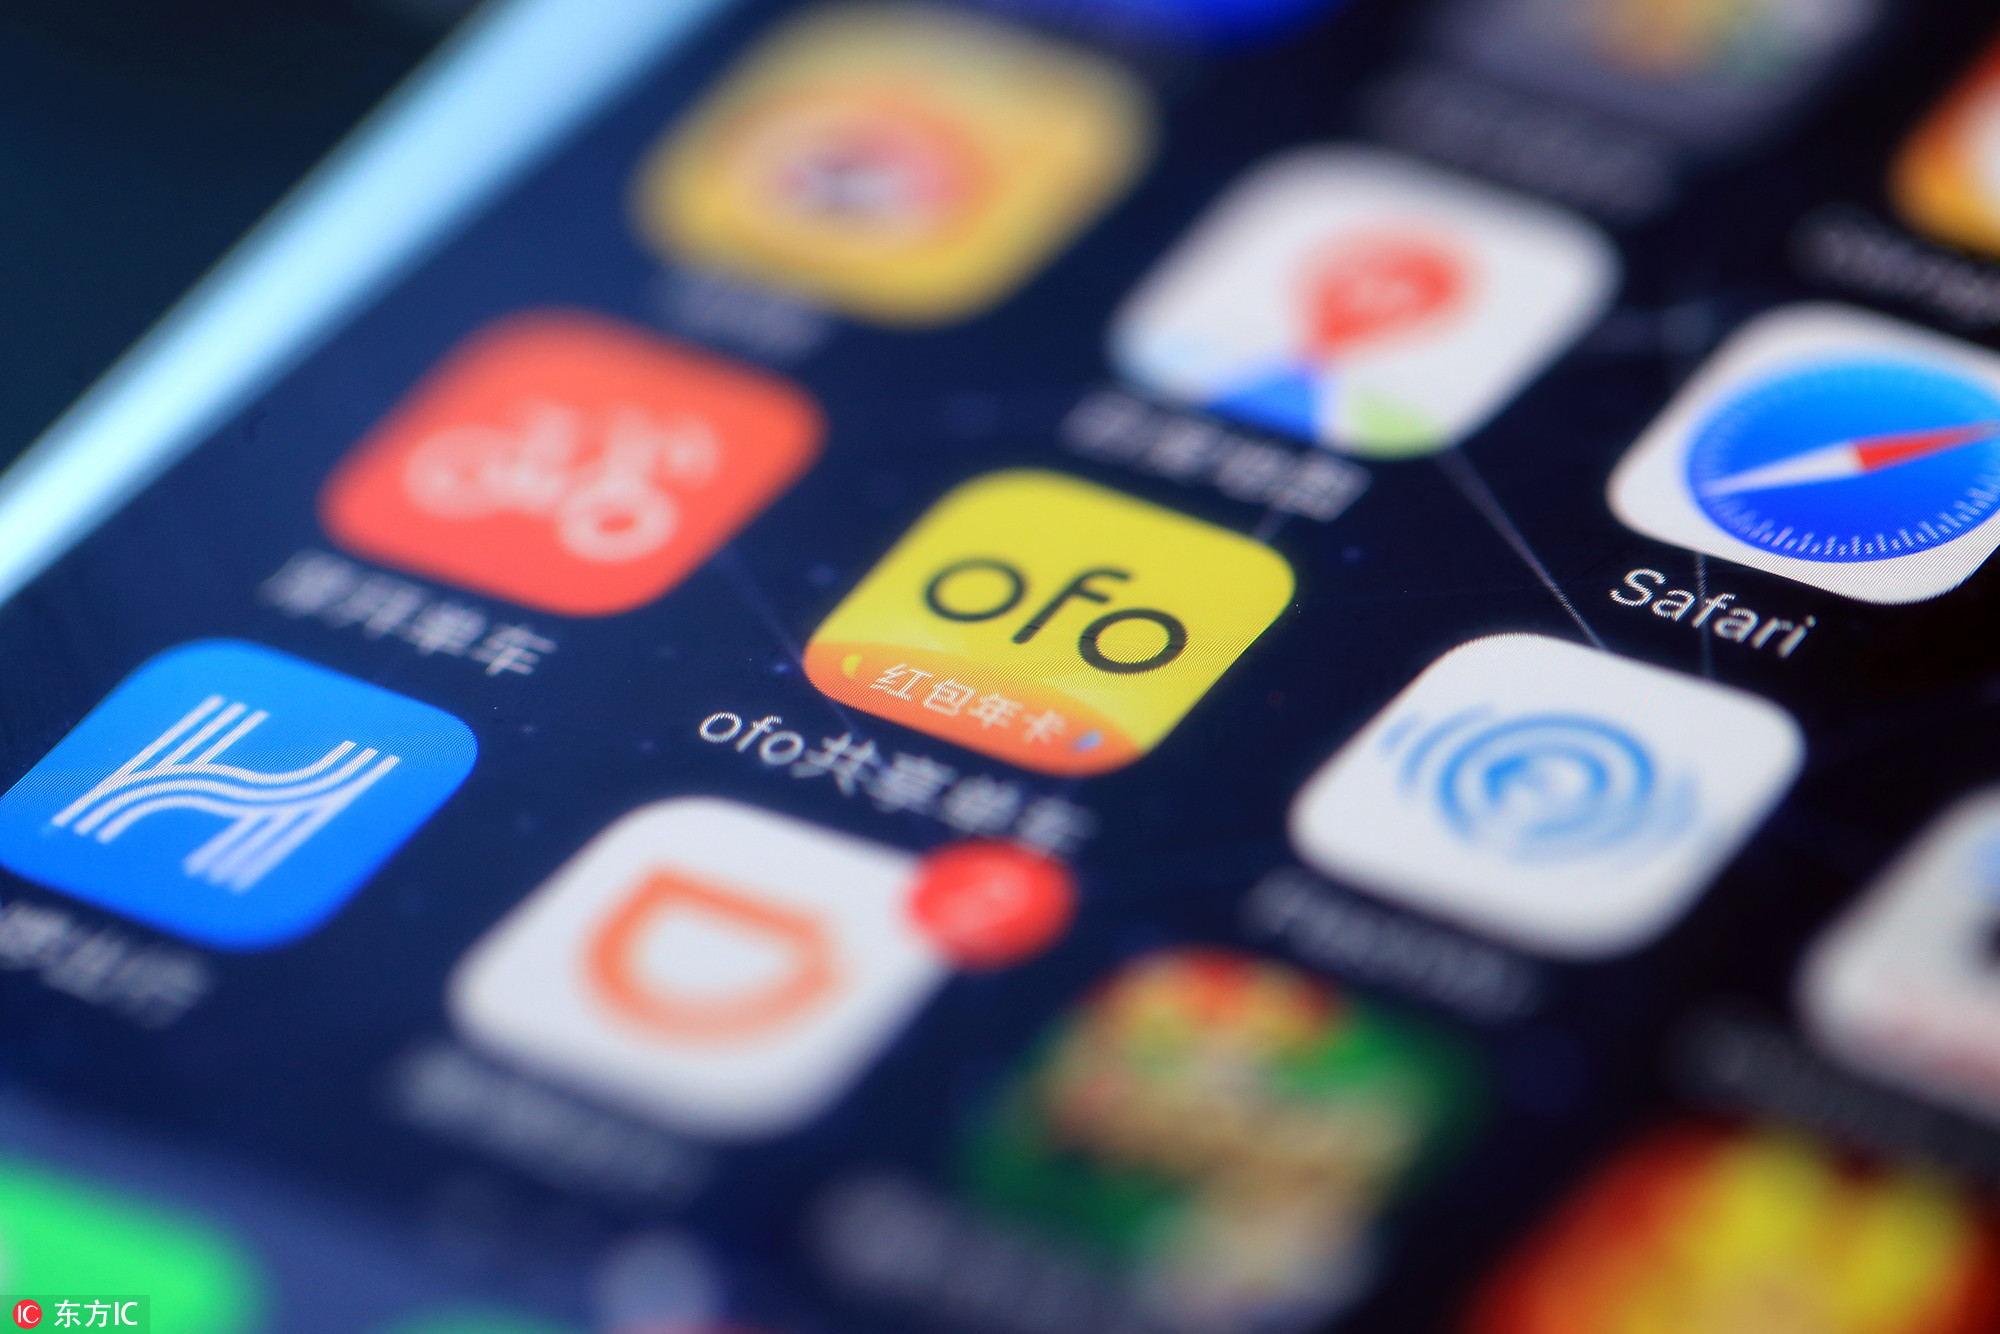 复盘共享充电宝:赚钱、纷争与即将到来的收购潮